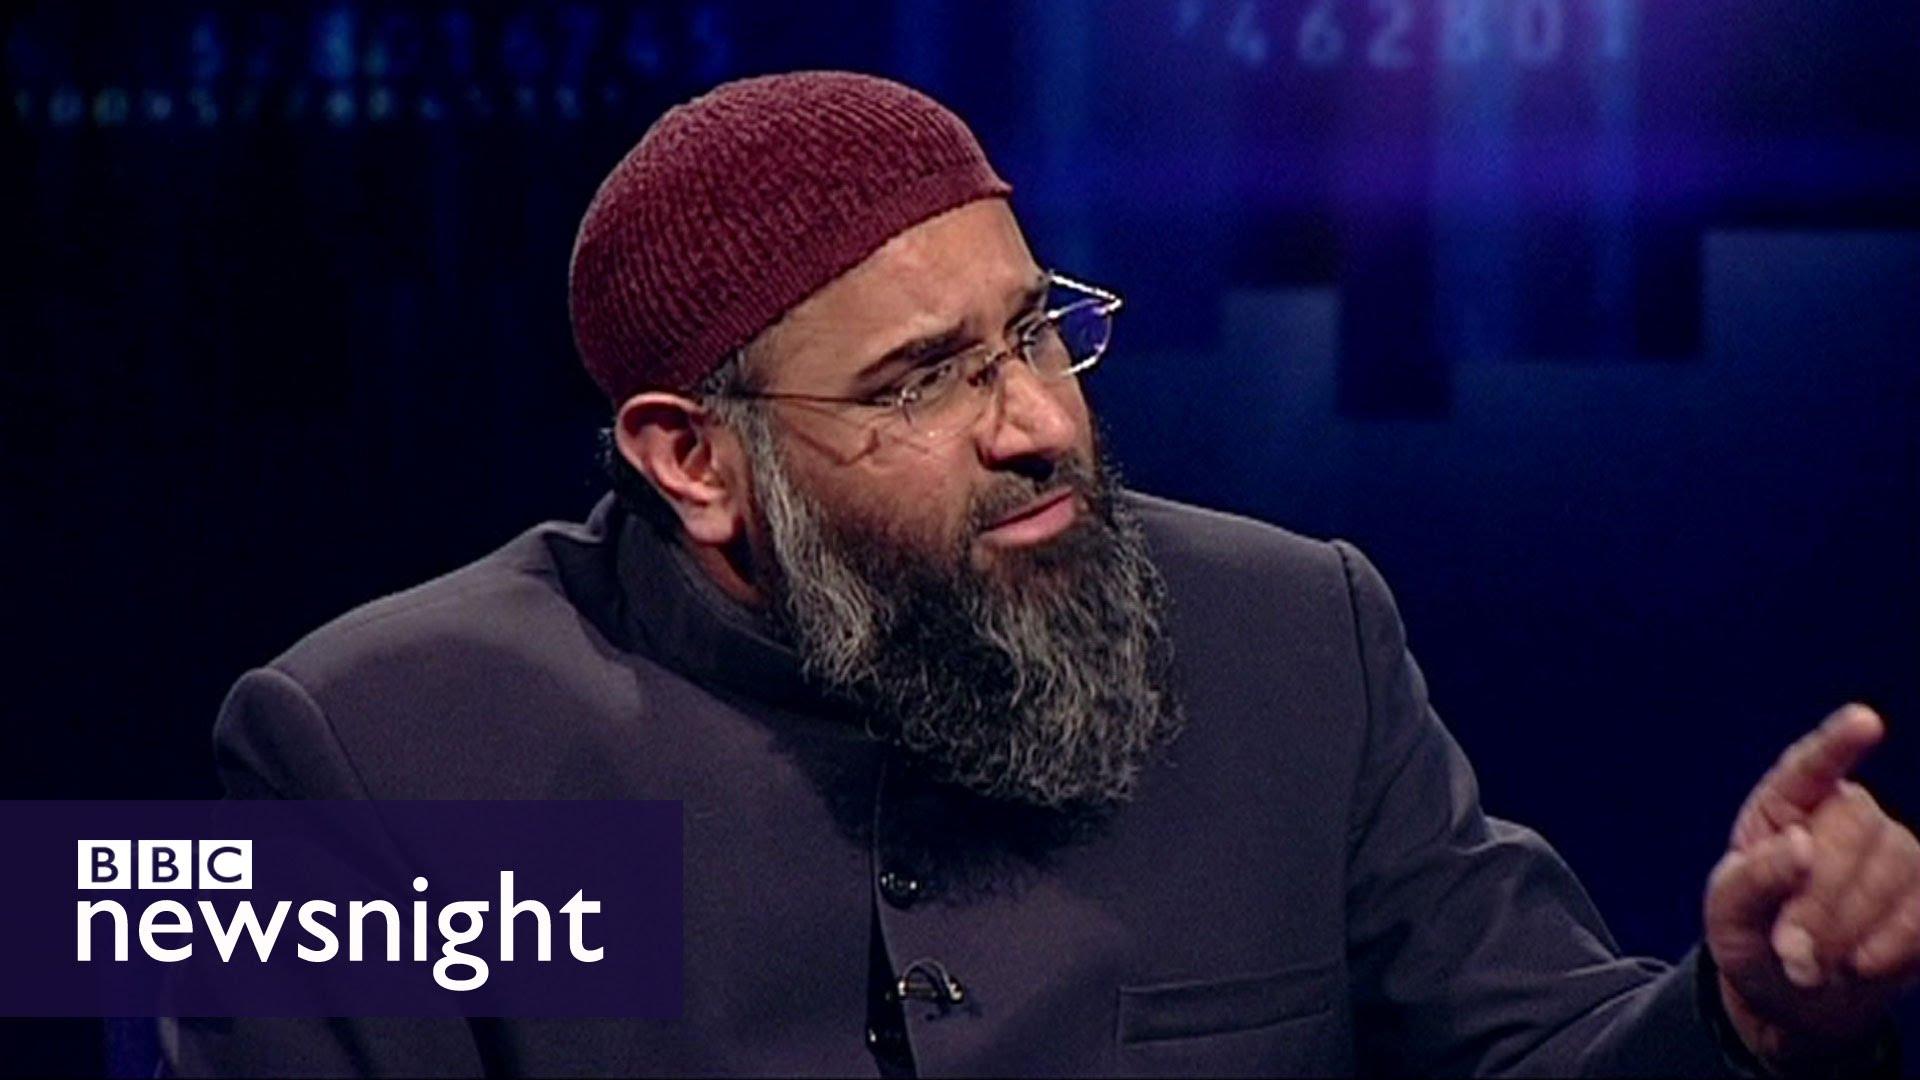 anjem choudary speaking on BBC's news night